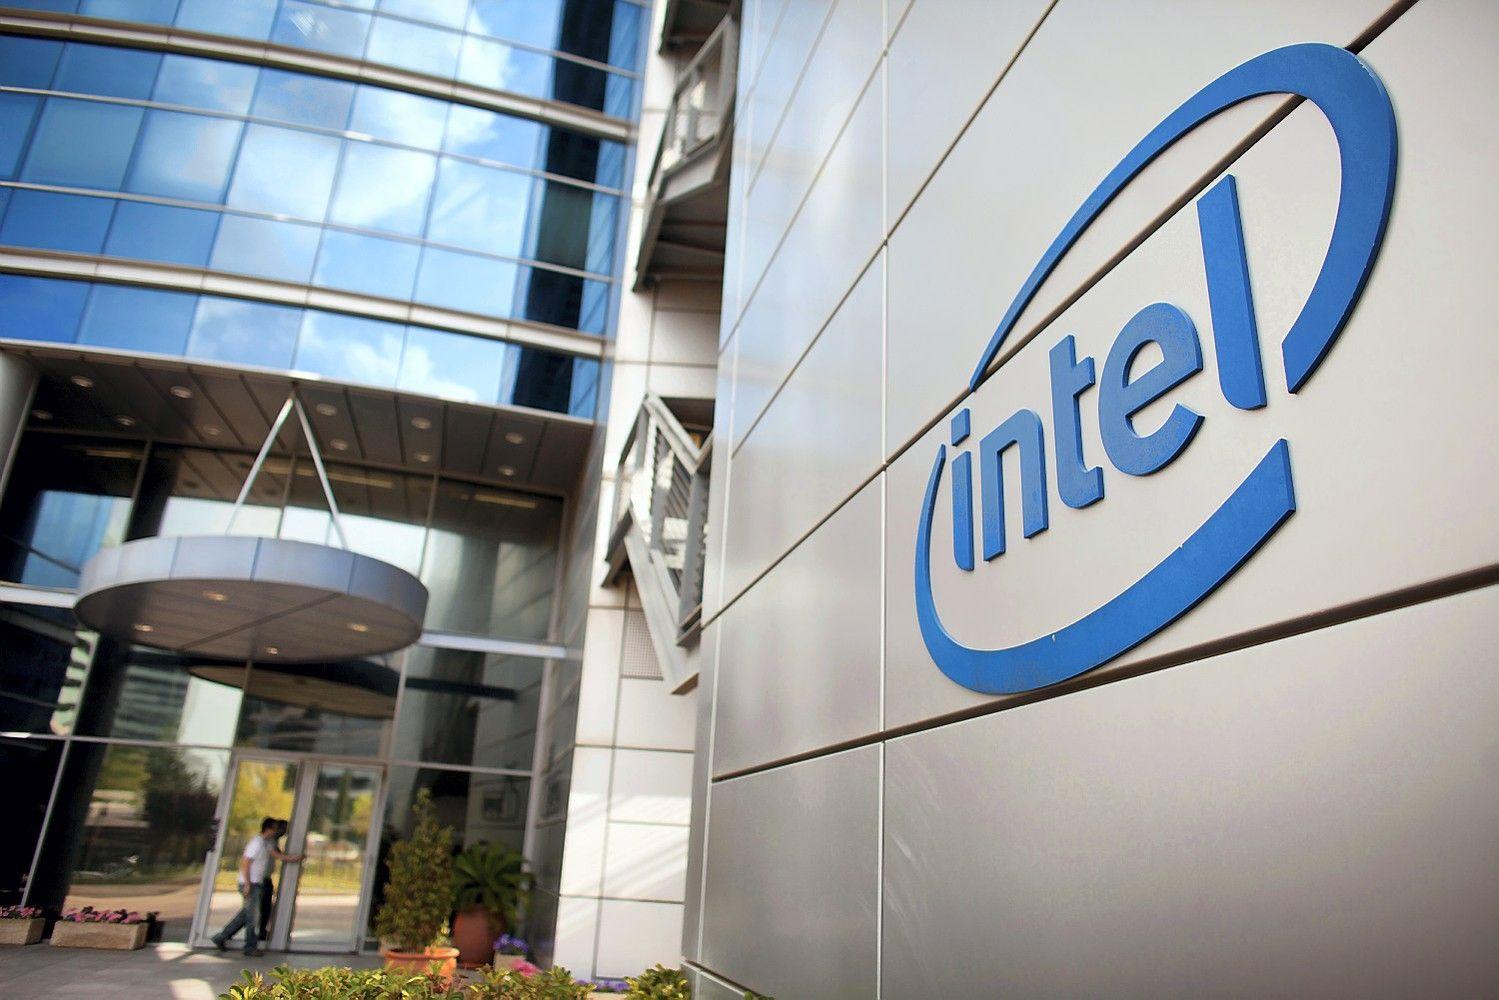 """JAV vyriausybė įspėja verslą apie nesaugius """"Intel"""" lustus"""